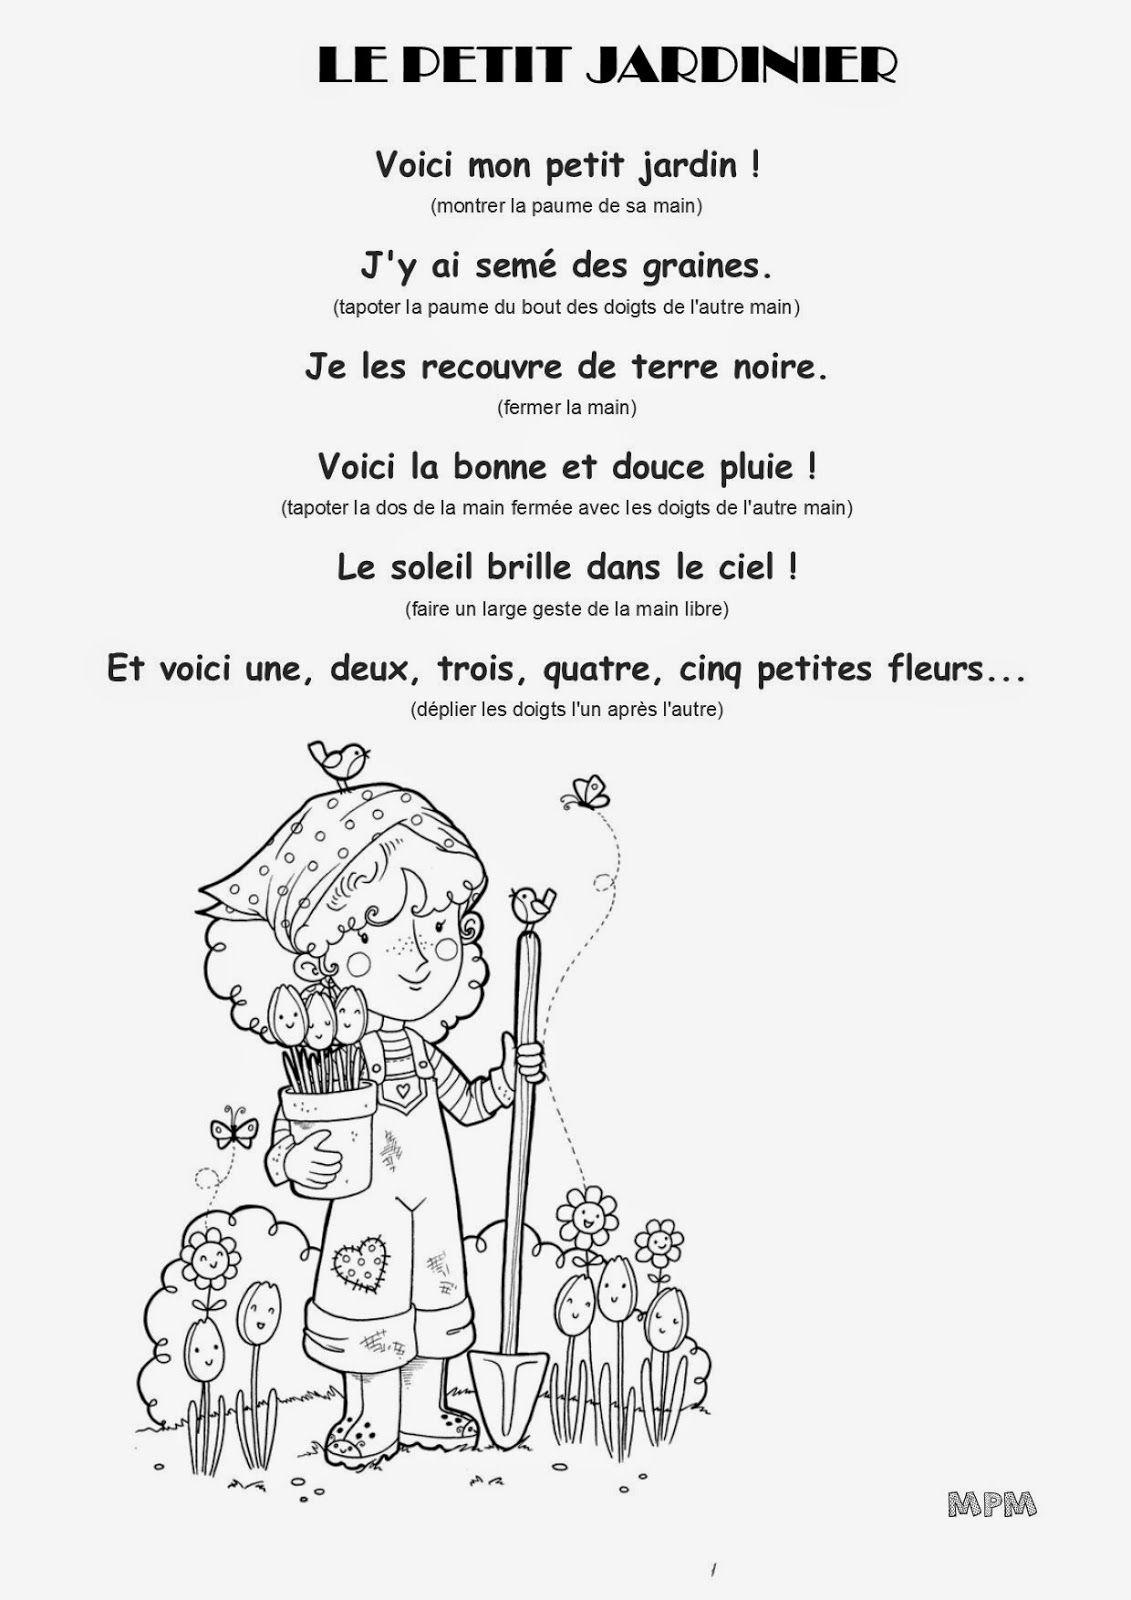 Jeu de doigts ms le petit jardinier chansons et for Jardinage le monde